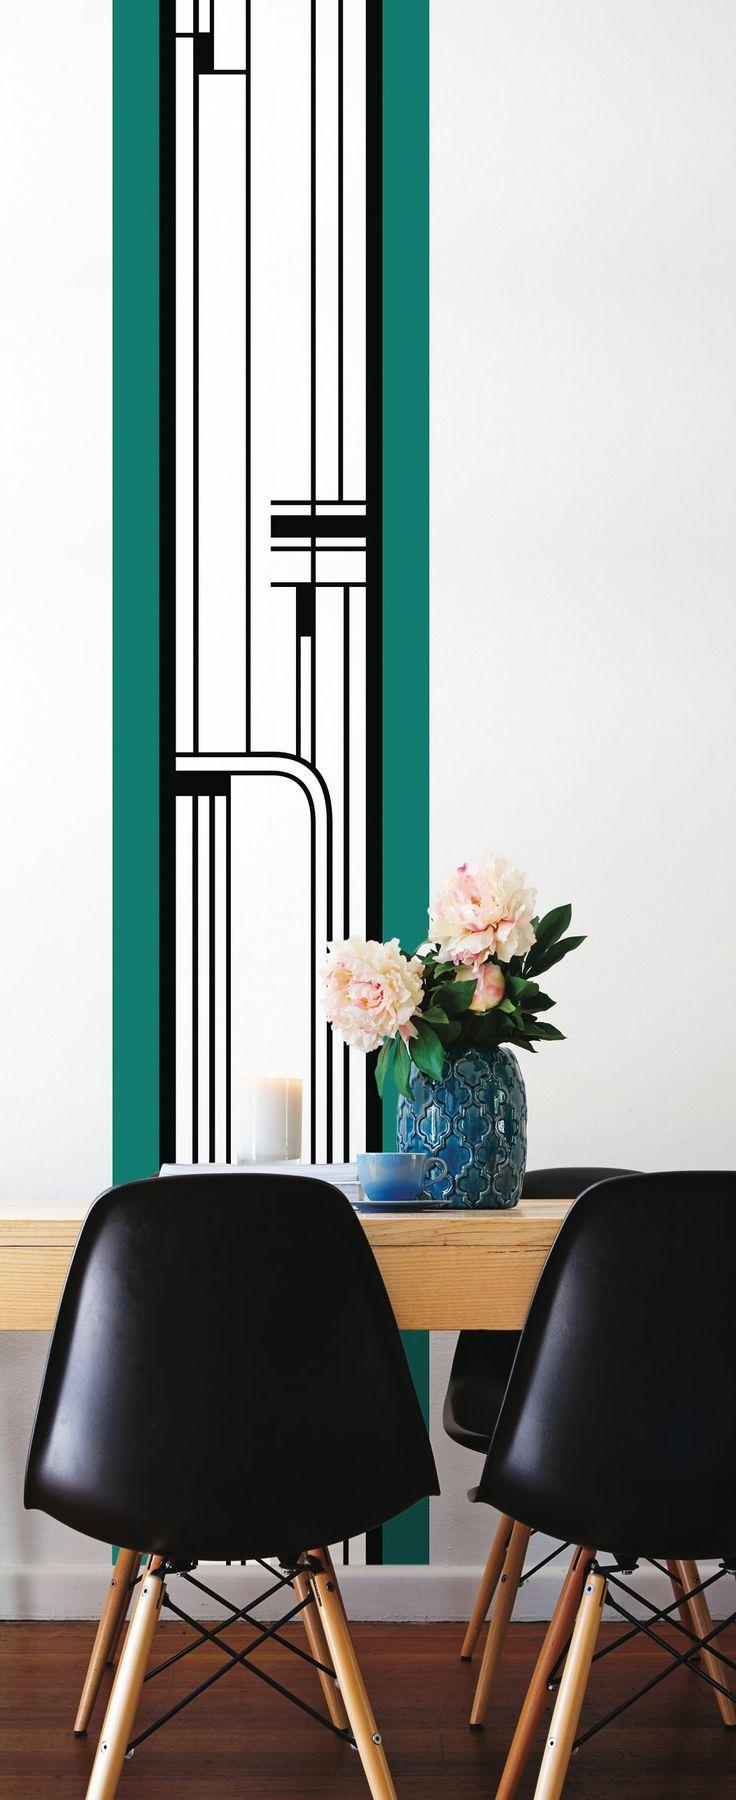 Les 25 meilleures id es concernant papier peint pour salle - Papier peint pour salon et salle a manger ...